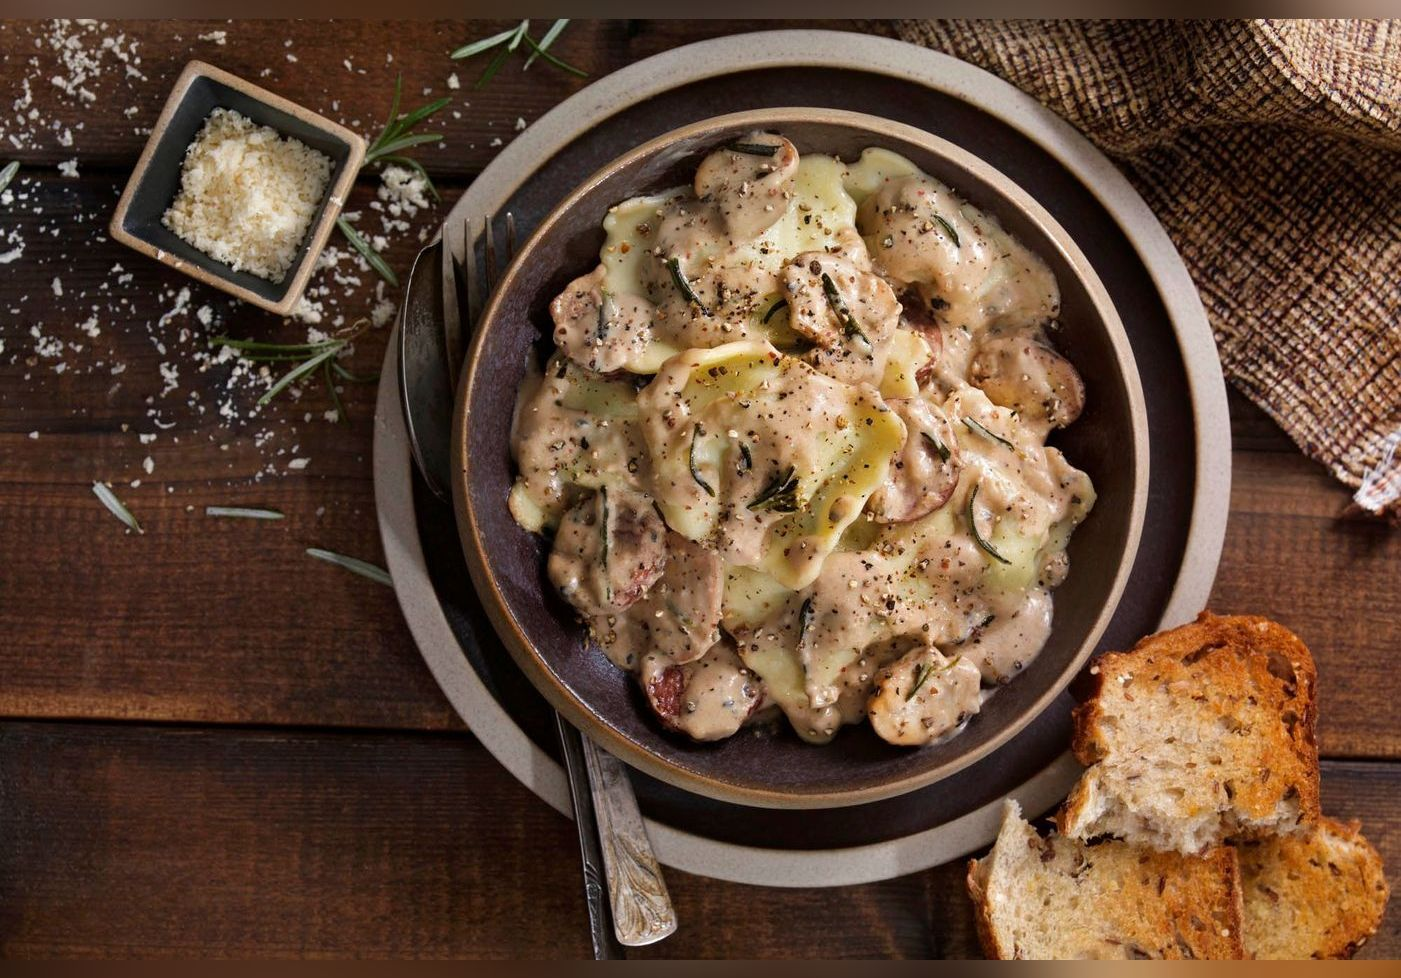 Philippe Etchebest dévoile le secret de son « plat signature », les ravioles aux champignons. Une recette facile à réaliser et incroyablement gourmande.